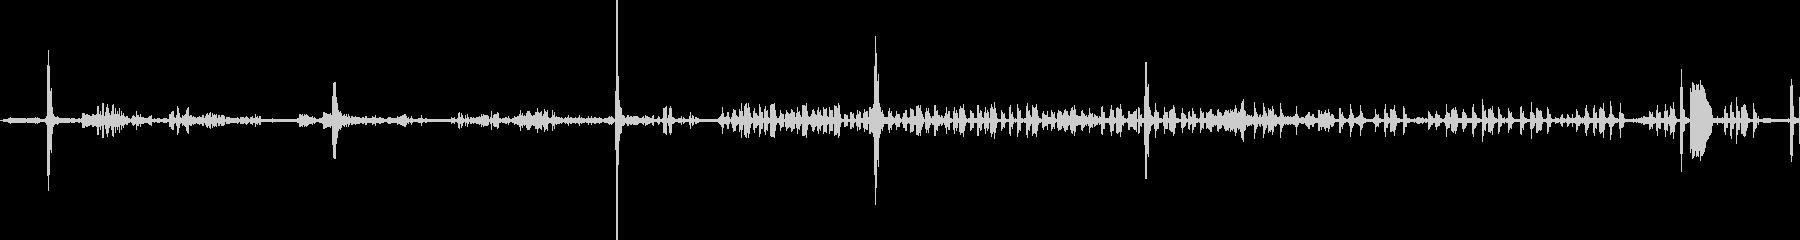 ヒヒフェンス-鳥のさえずり1の未再生の波形